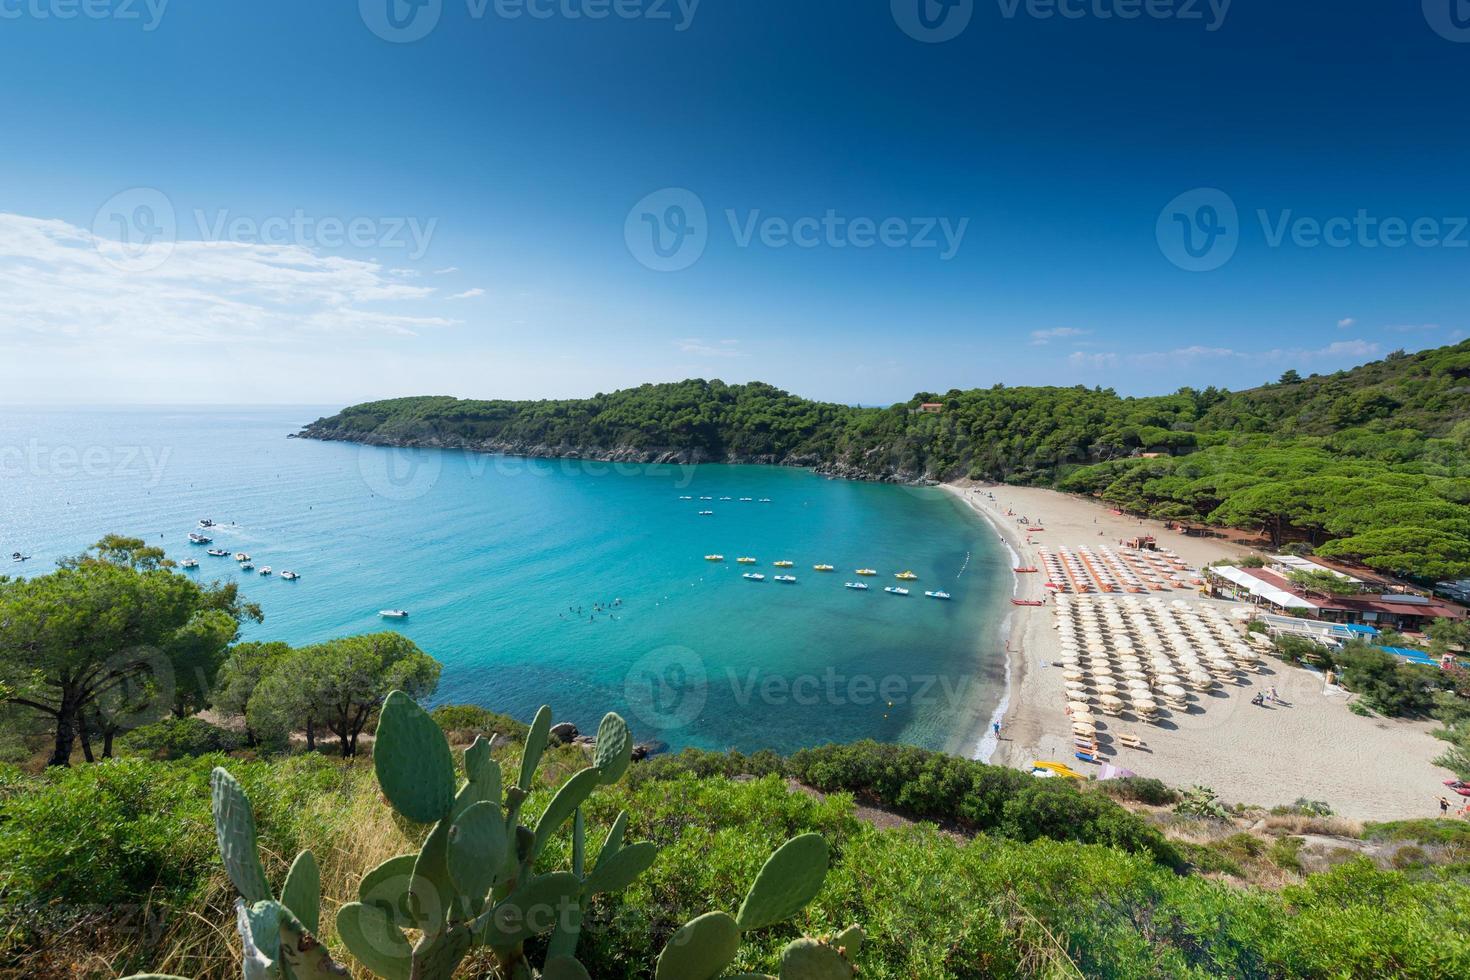 Strand mit Sonnenschirmen in der wunderschönen Bucht von Elba Italien foto